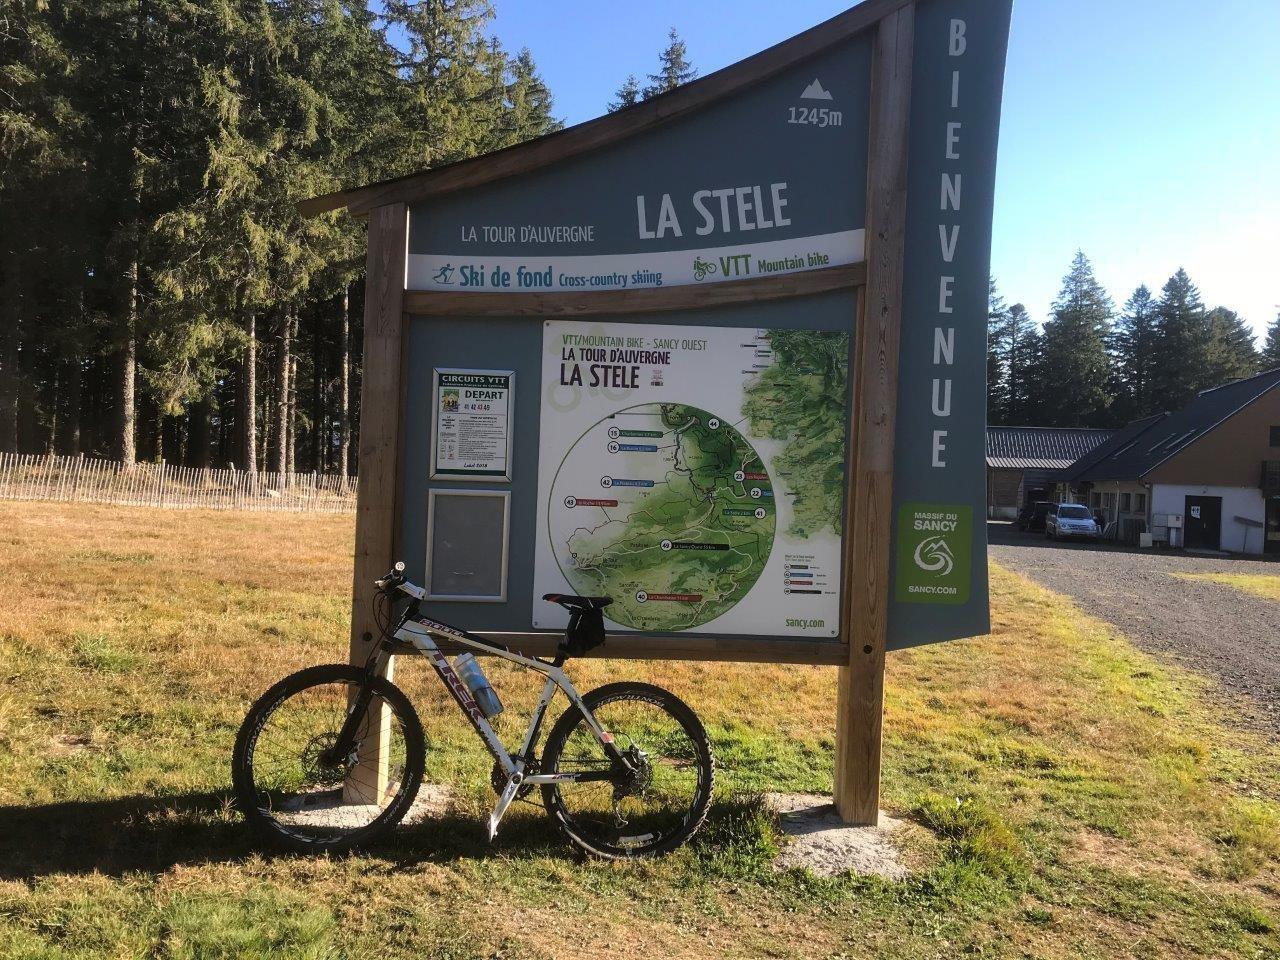 Vacances à Vélo